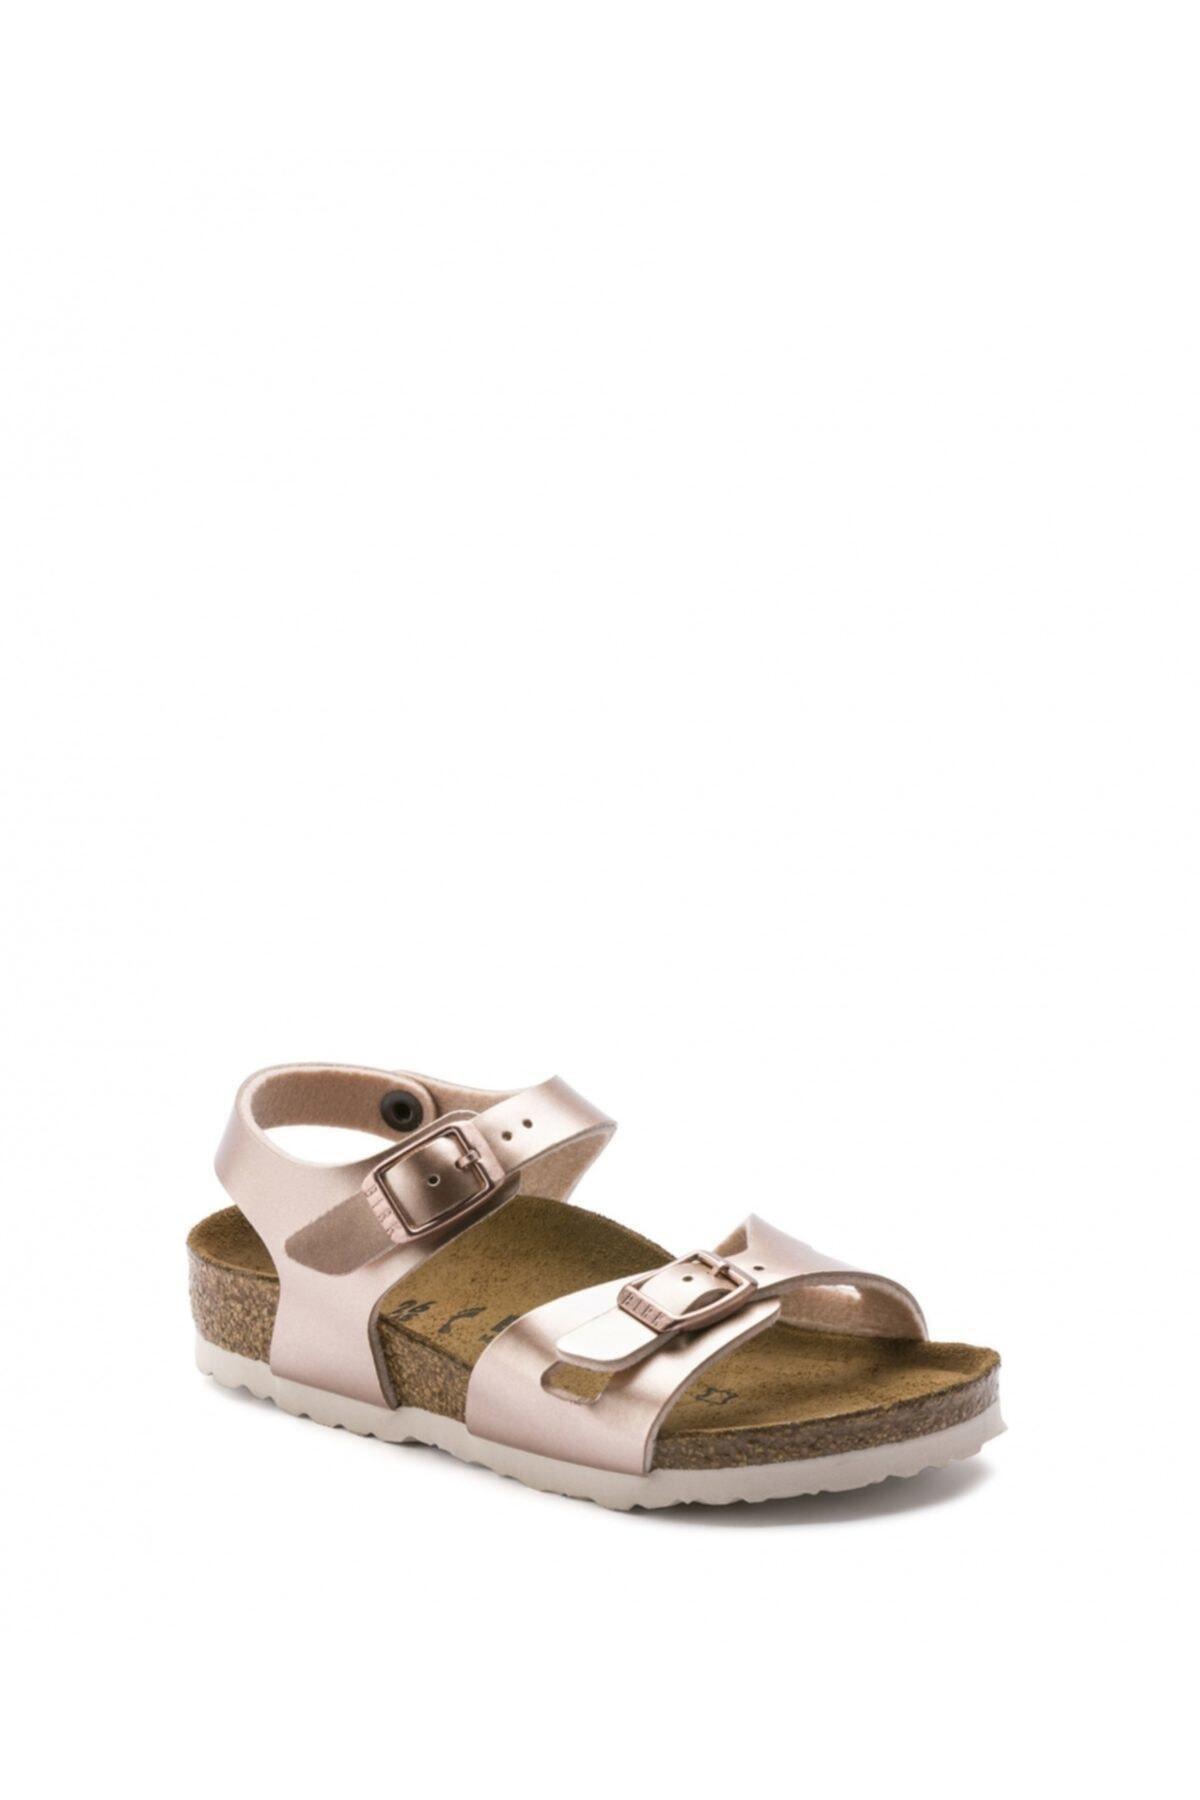 Birkenstock Rıo Kıds Bakır Sandalet 19Y.Ayk.Tlk.Frm.0020 1